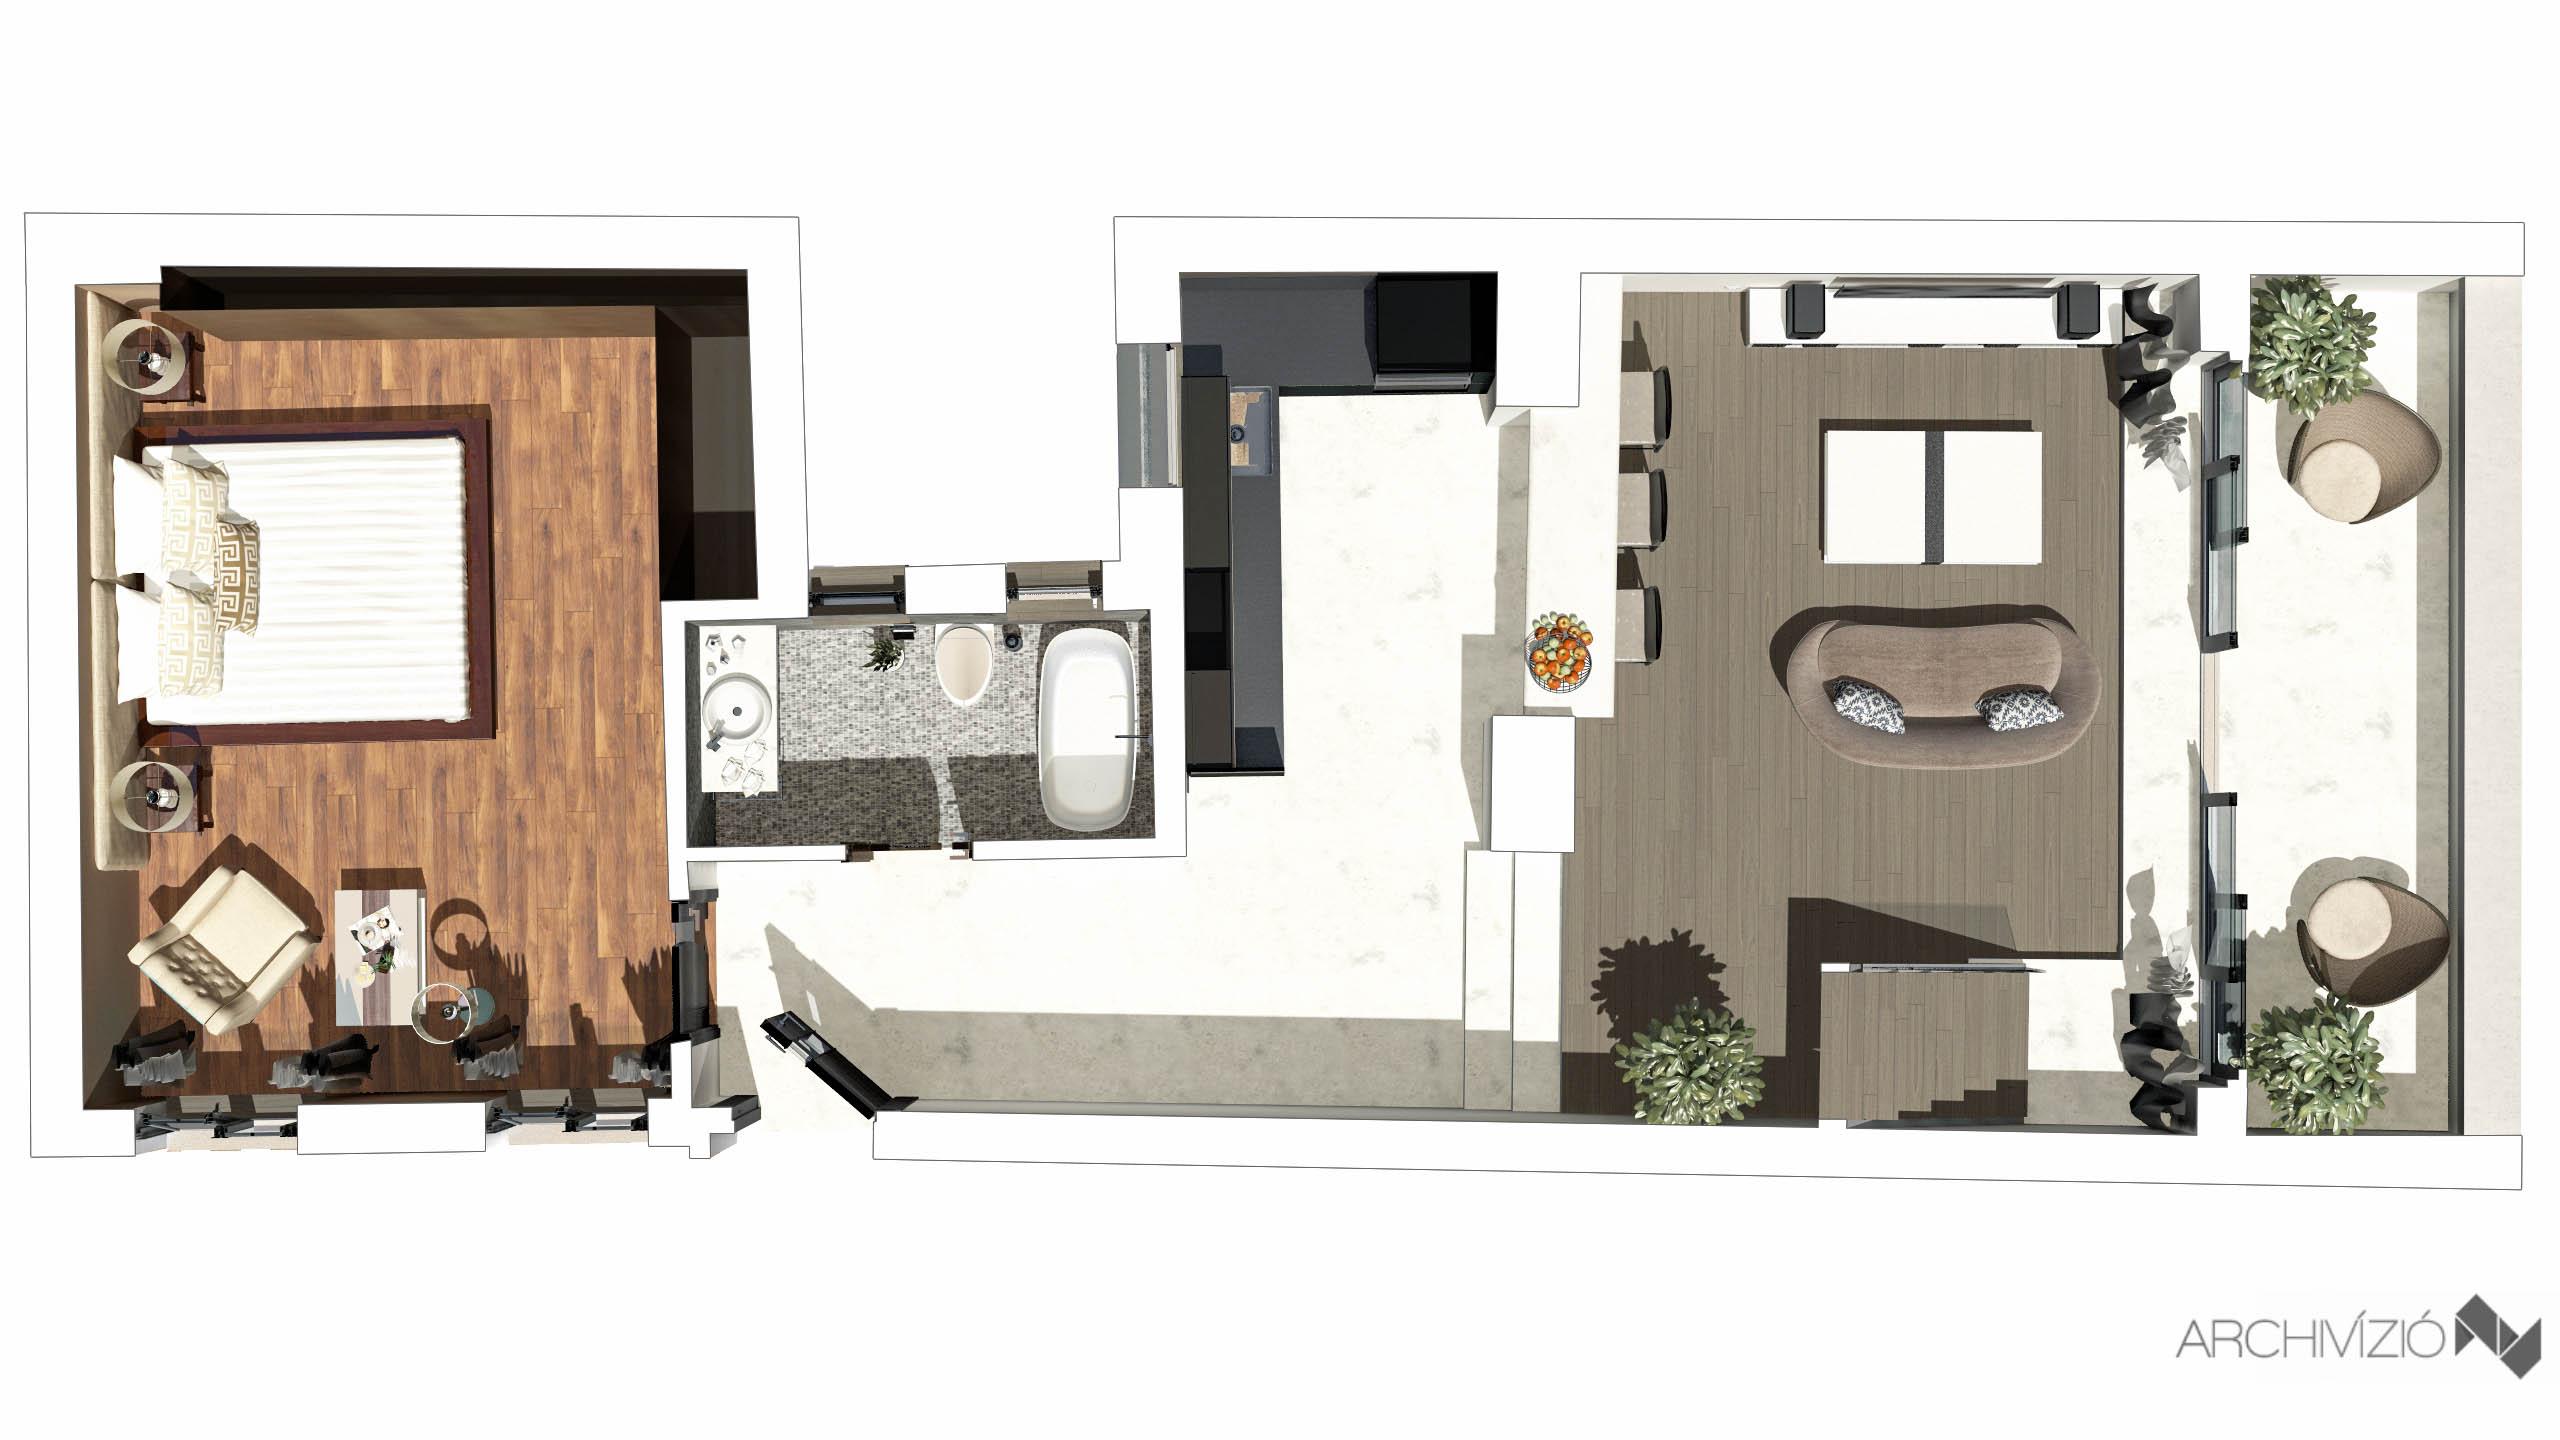 2. lakás - földszint